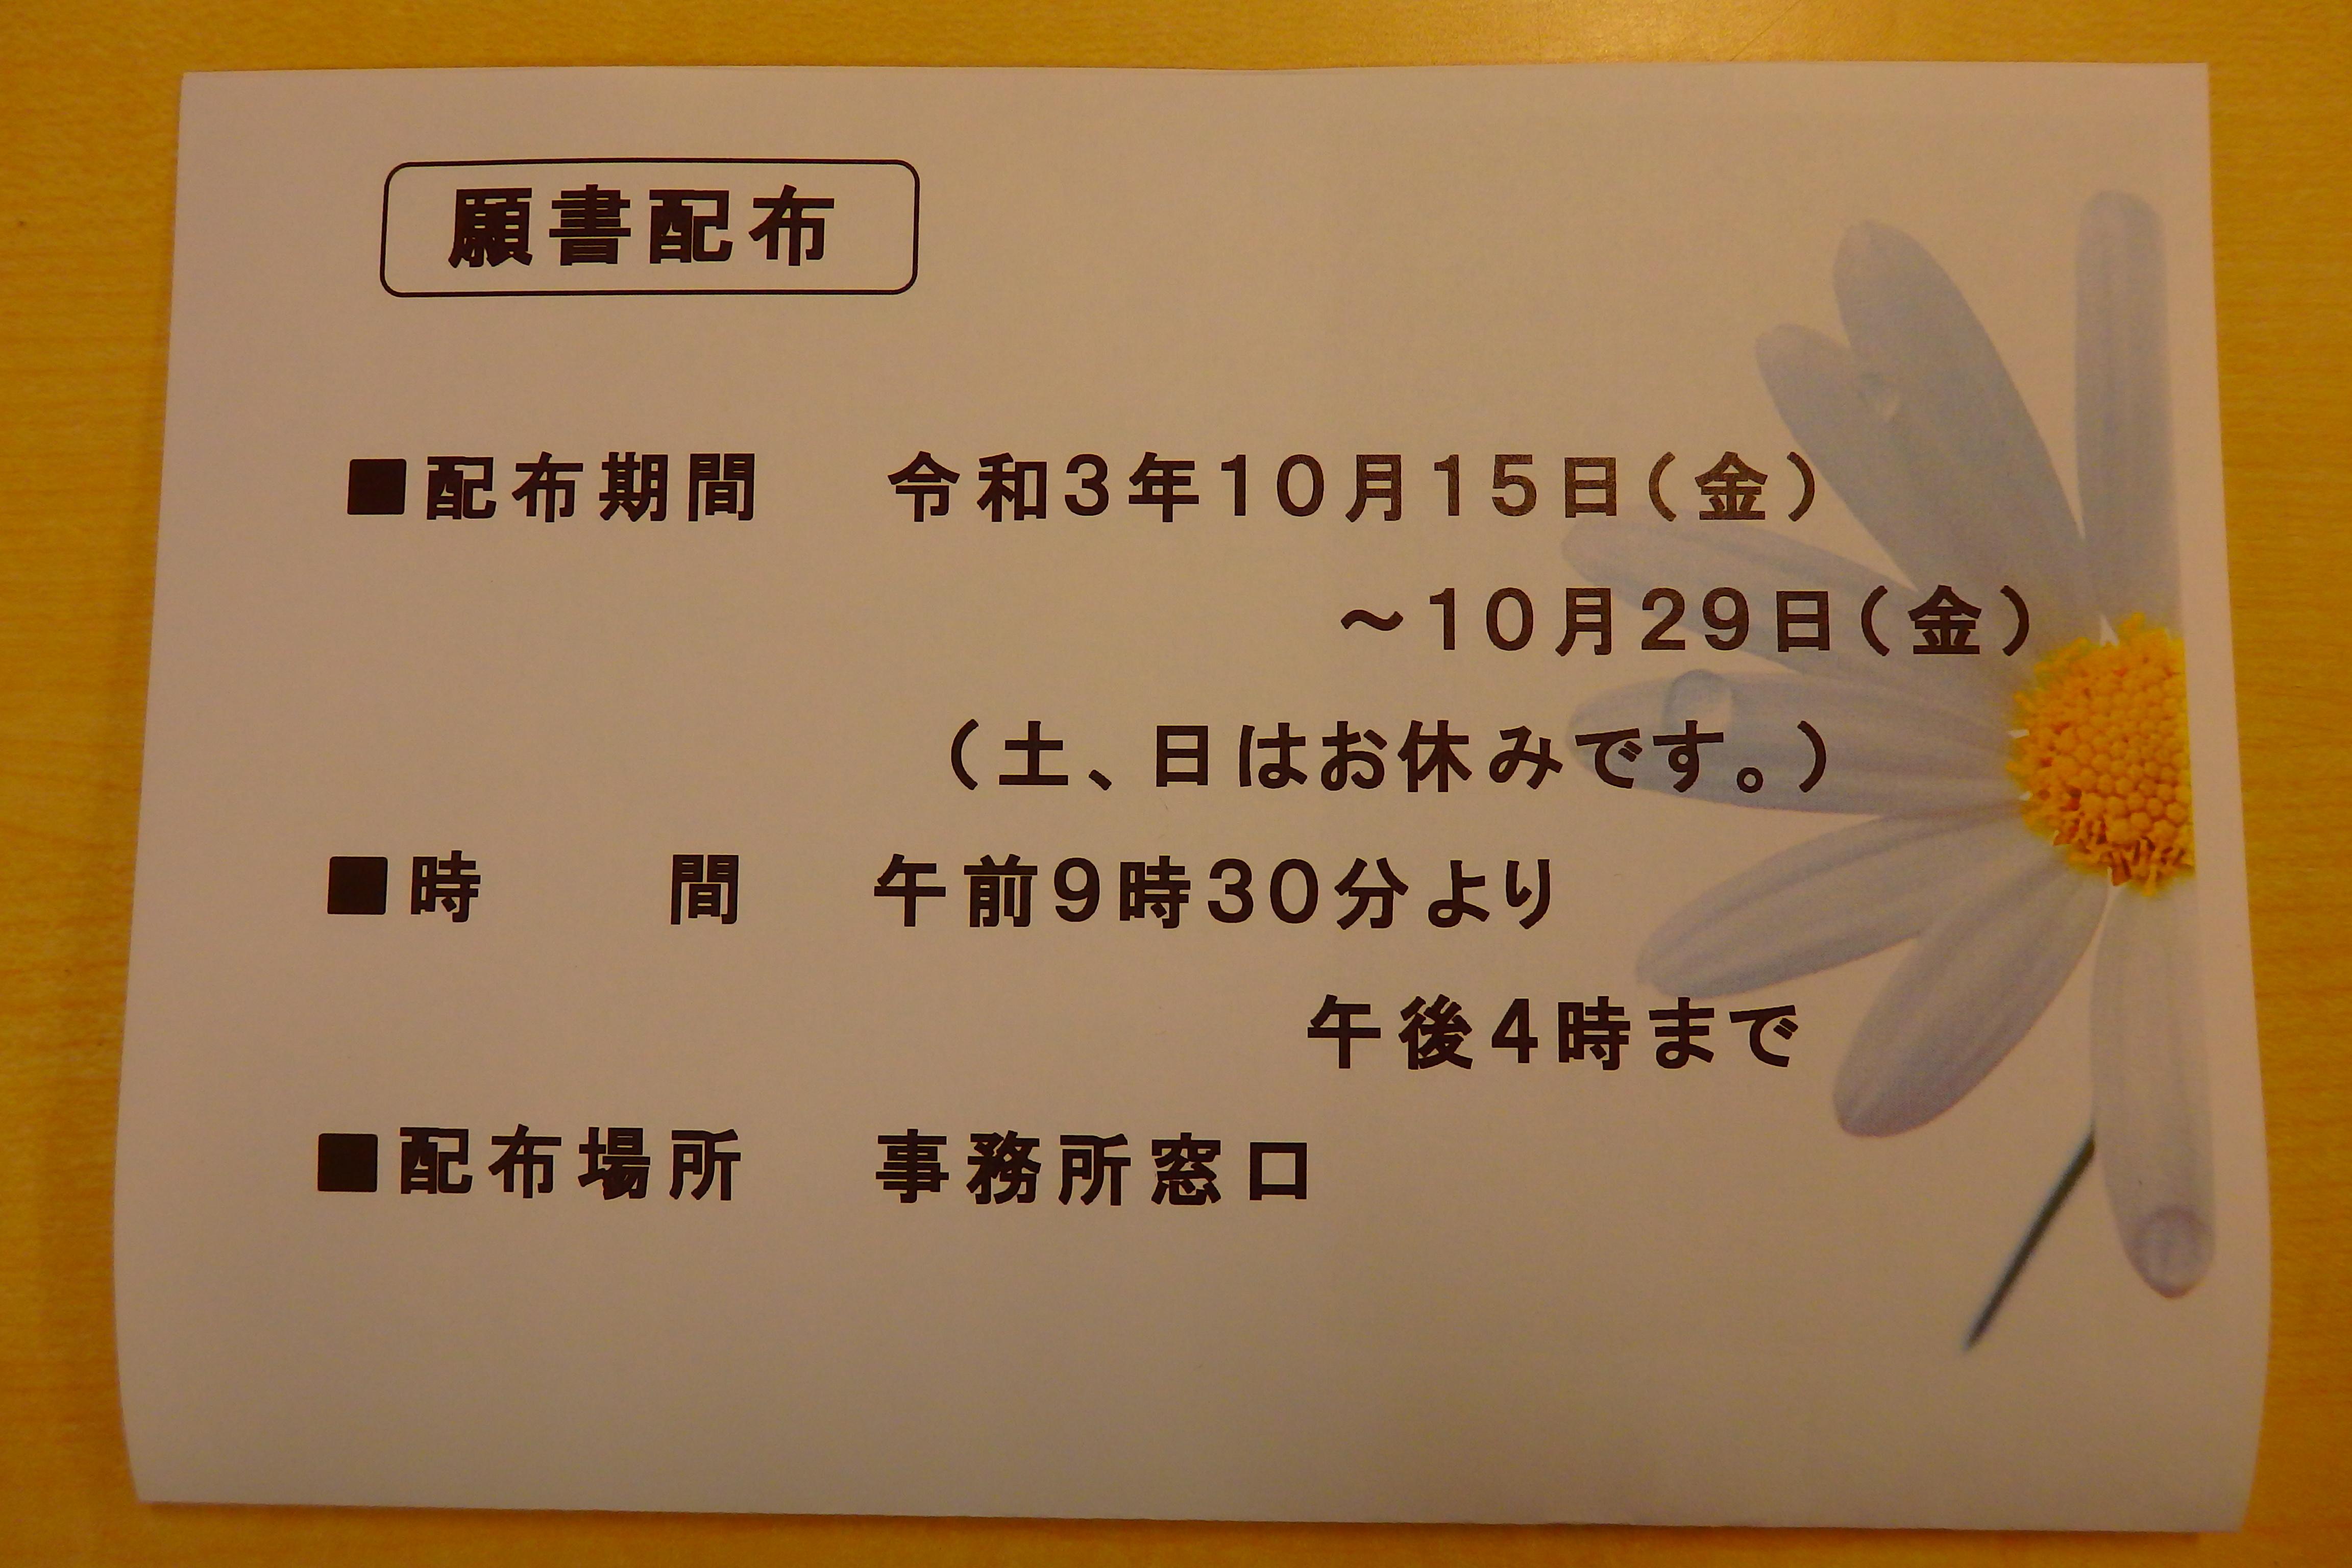 (10月8日更新)令和4年度入園のための願書配布のお知らせ